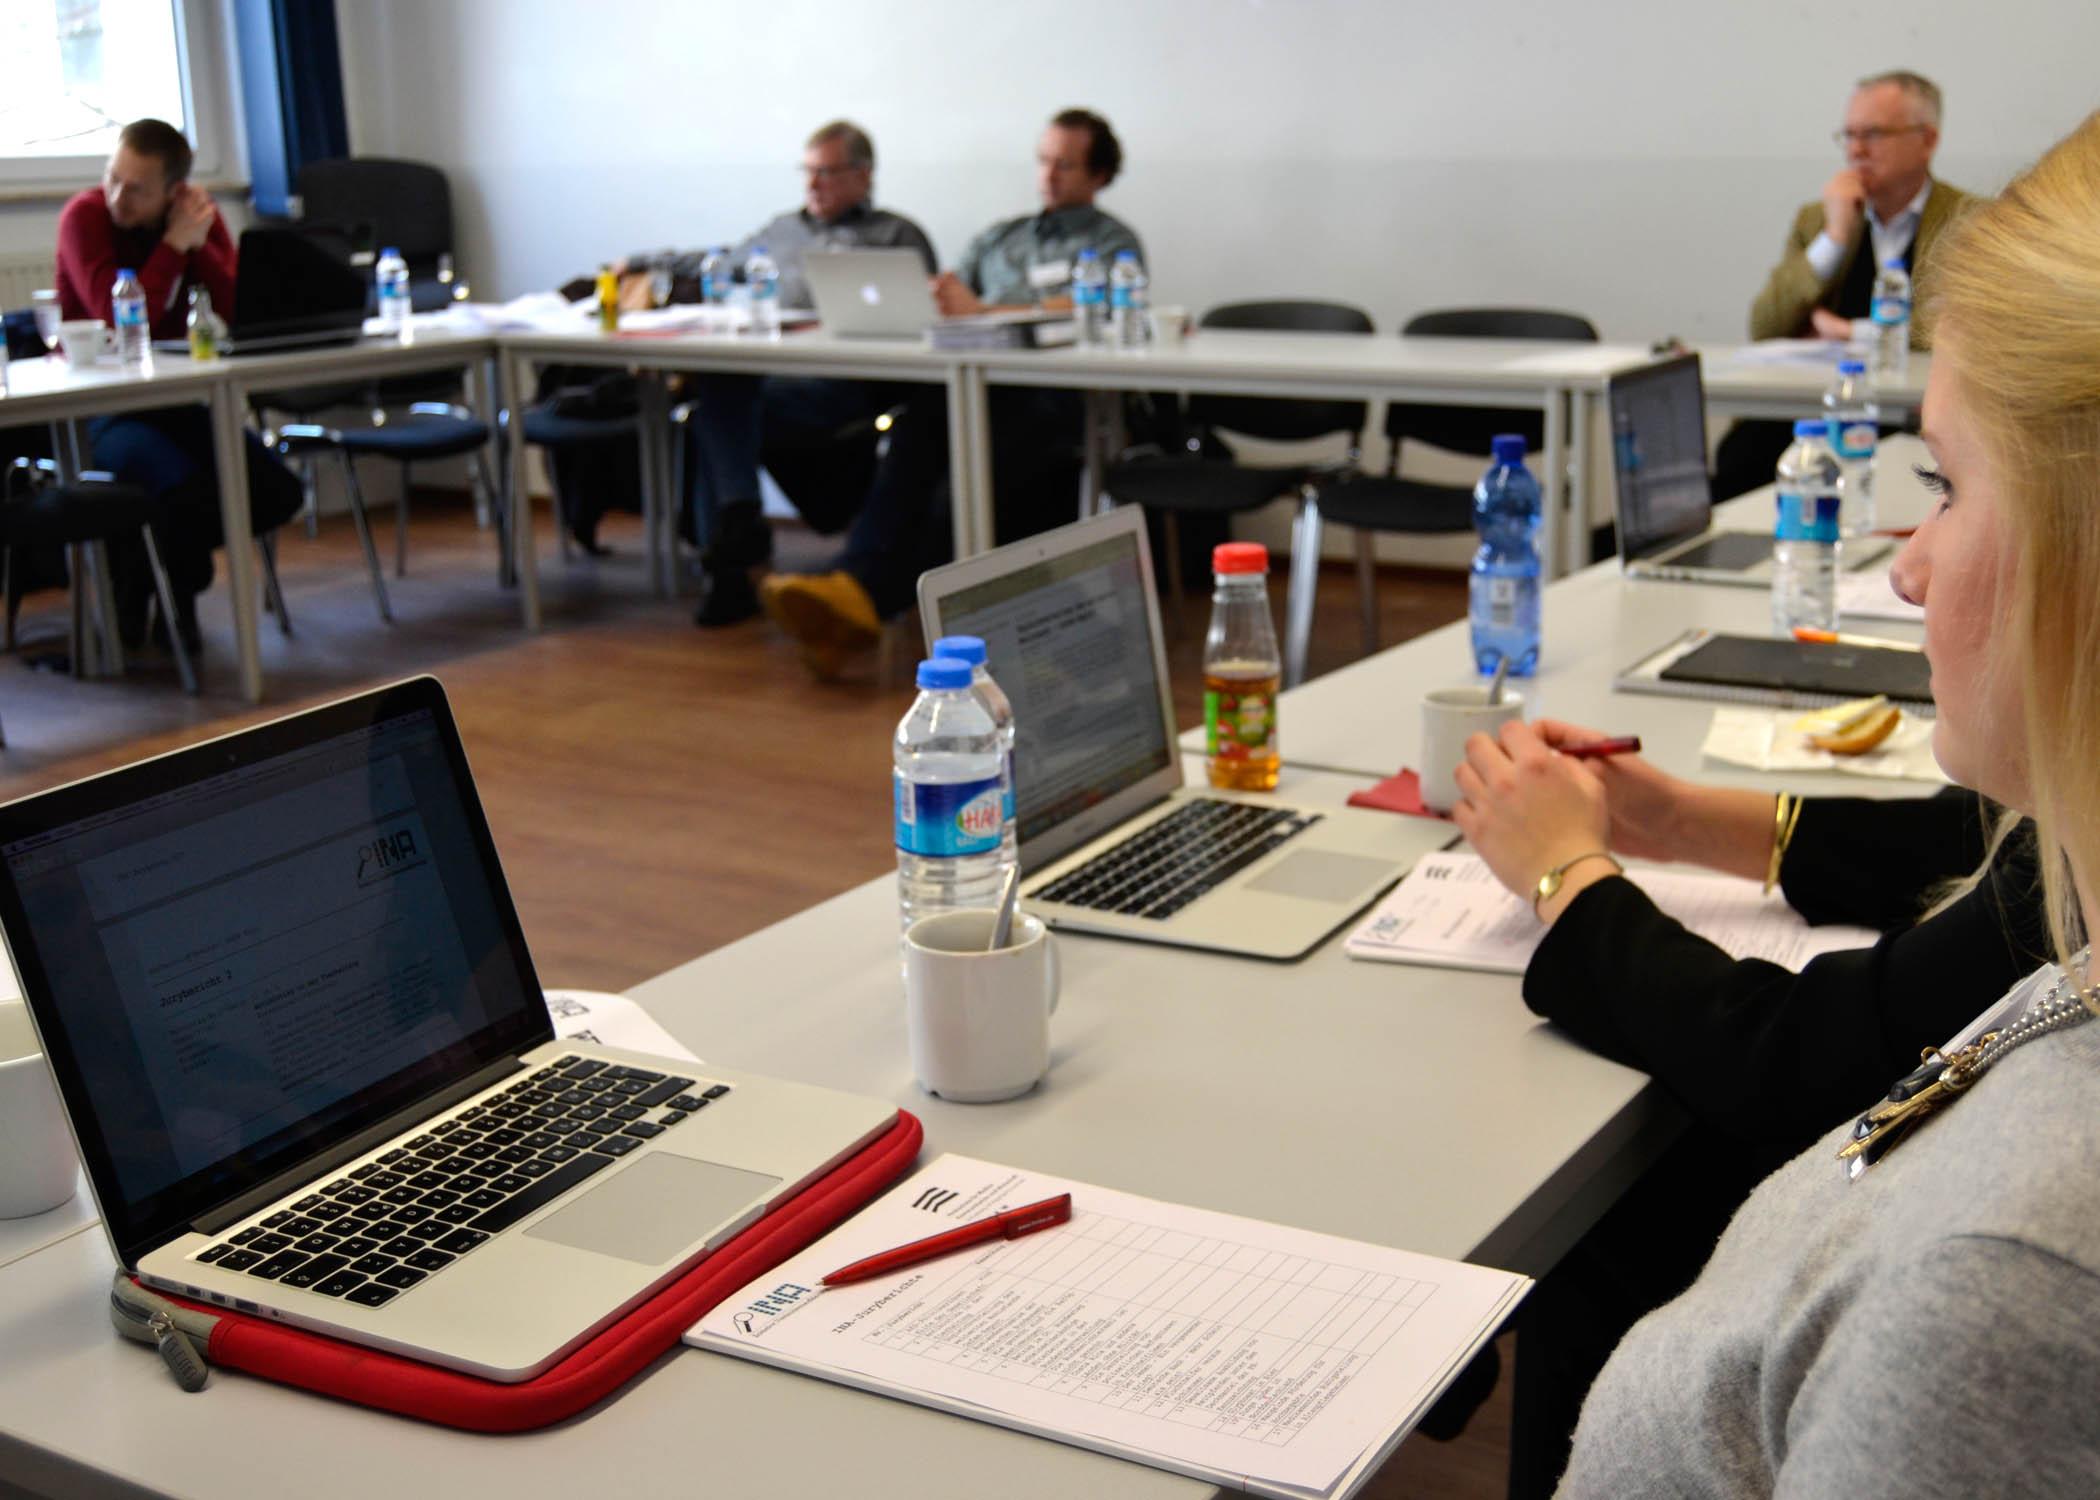 Am 02.02.2017 versammelte sich die Jury der Initiative Nachrichtenaufklärung, kurz INA, an der HMKW Köln.